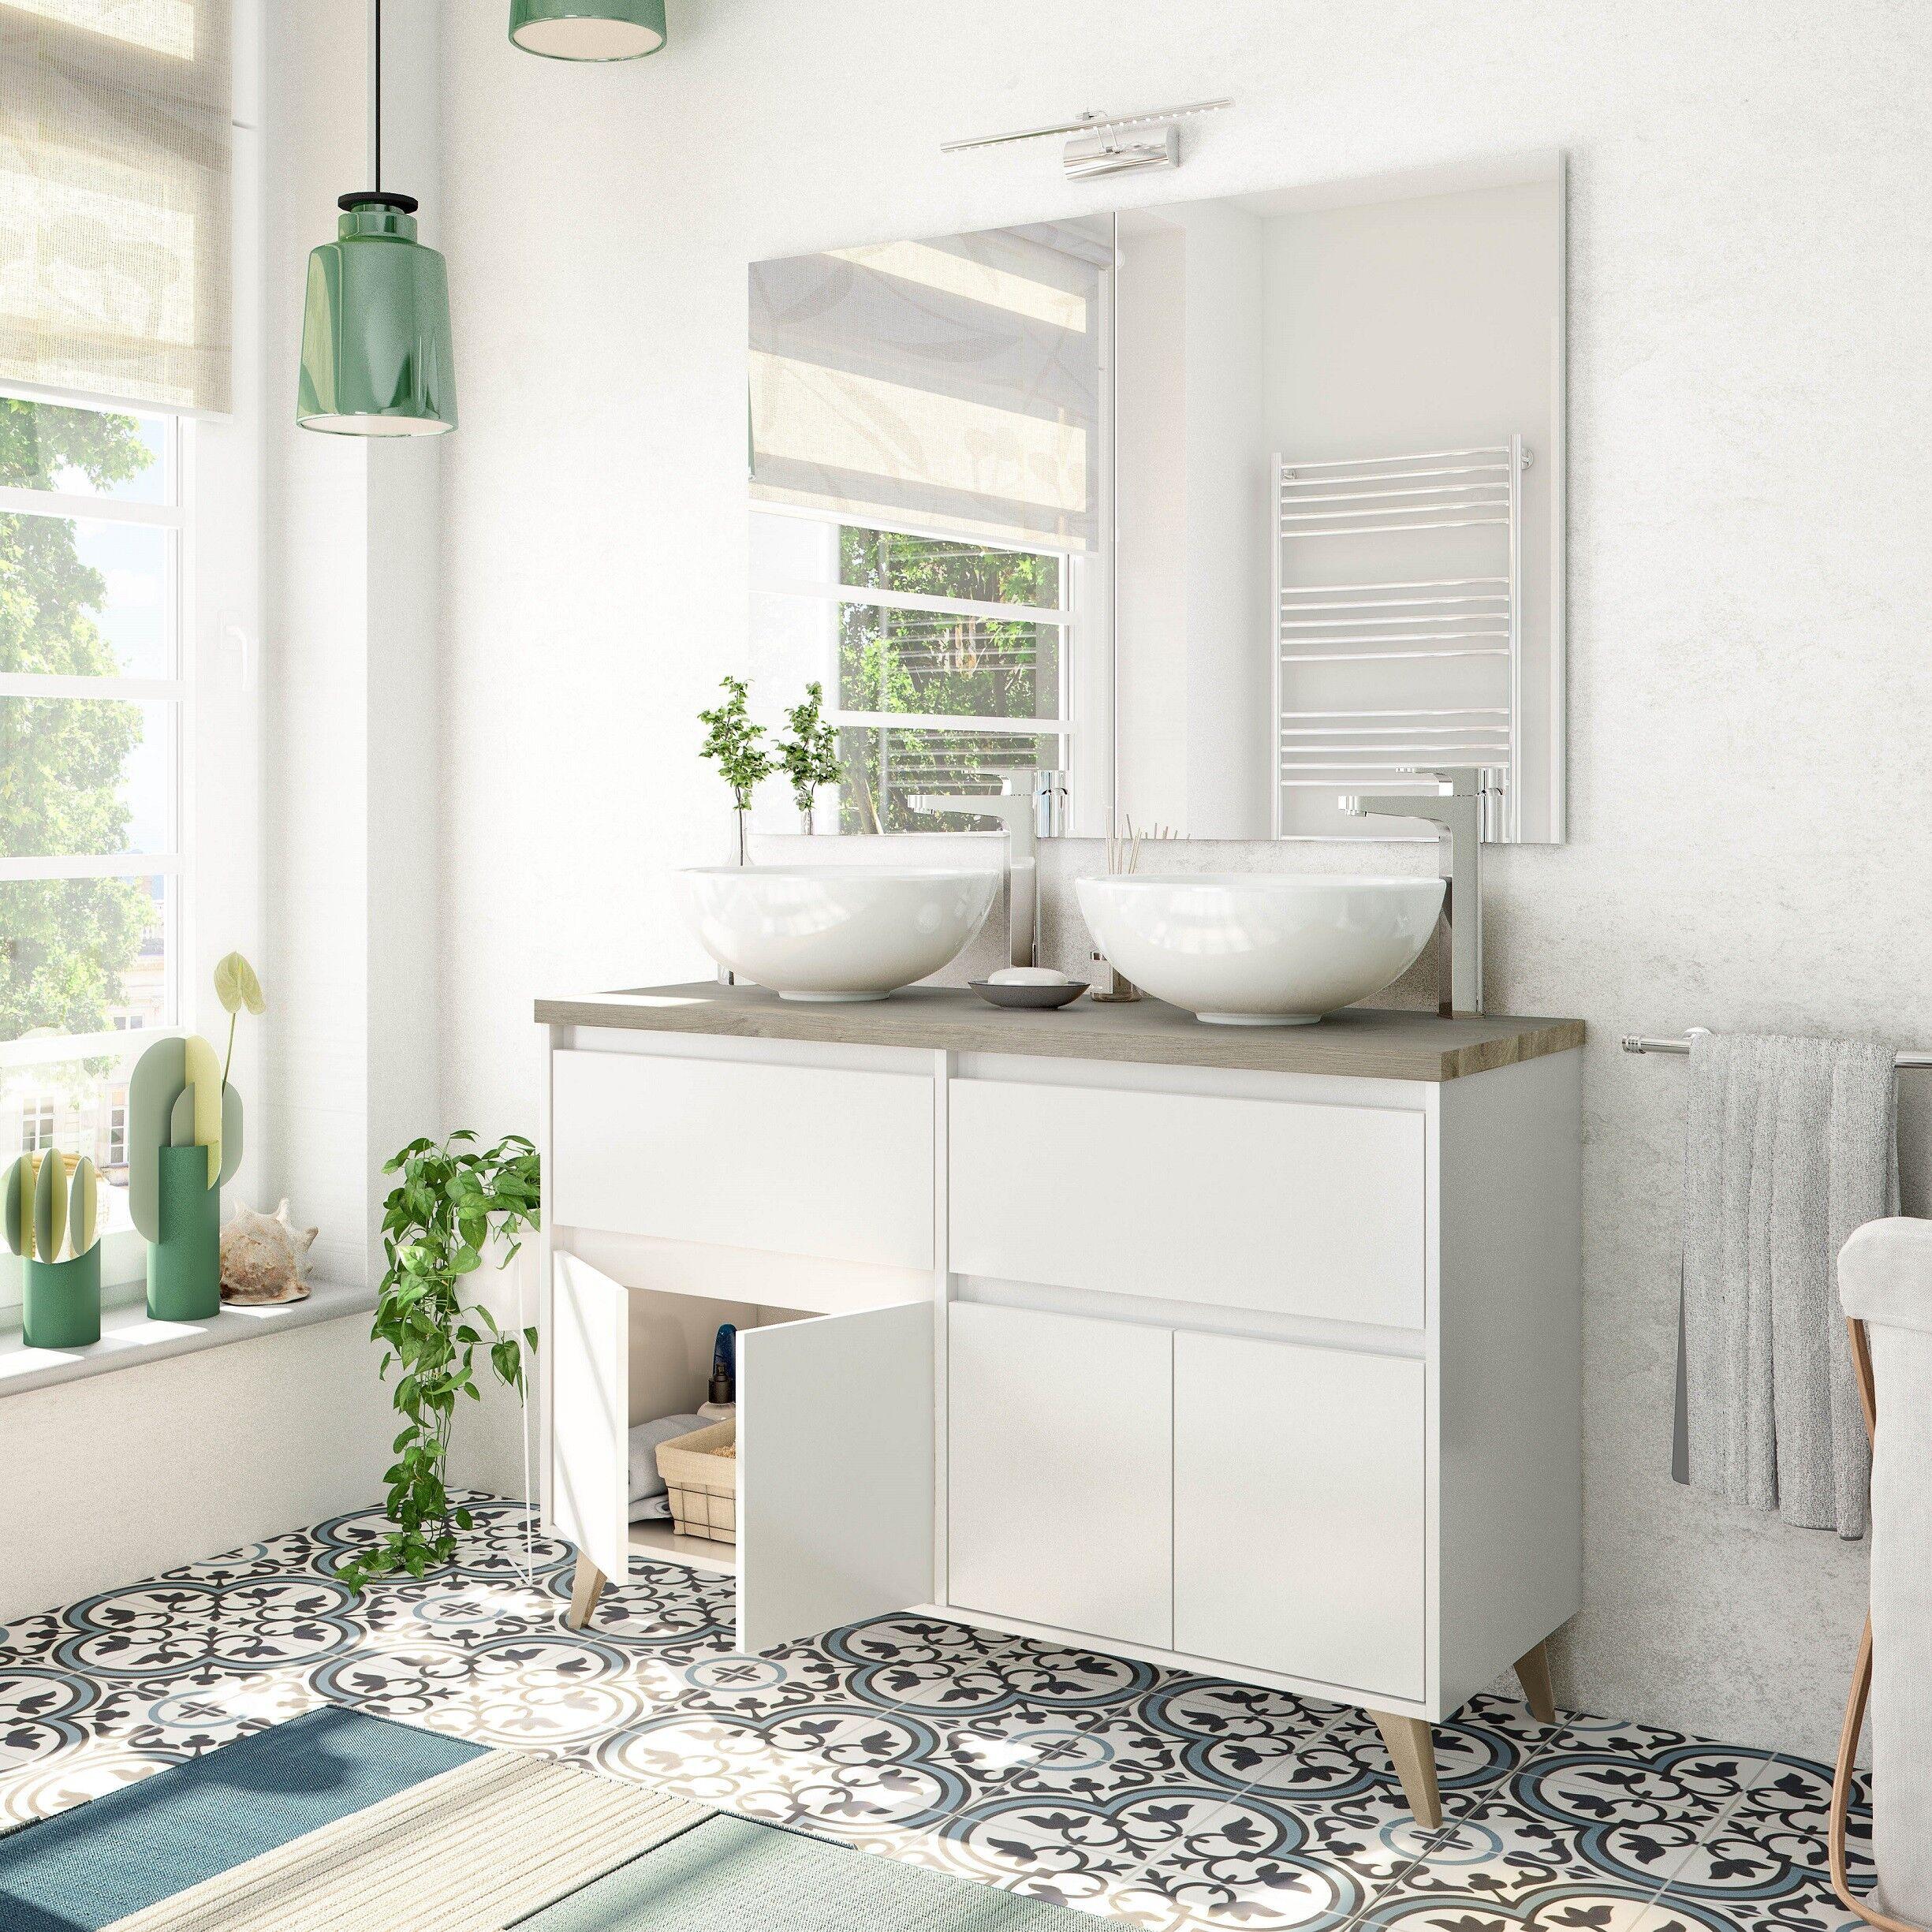 CAESAROO Meuble de salle de bain sur pied 120 cm blanc brillant et chêne avec double Lavabo ronde à poser   Blanc brillant - 120 cm - Avec double miroir et lampe LED